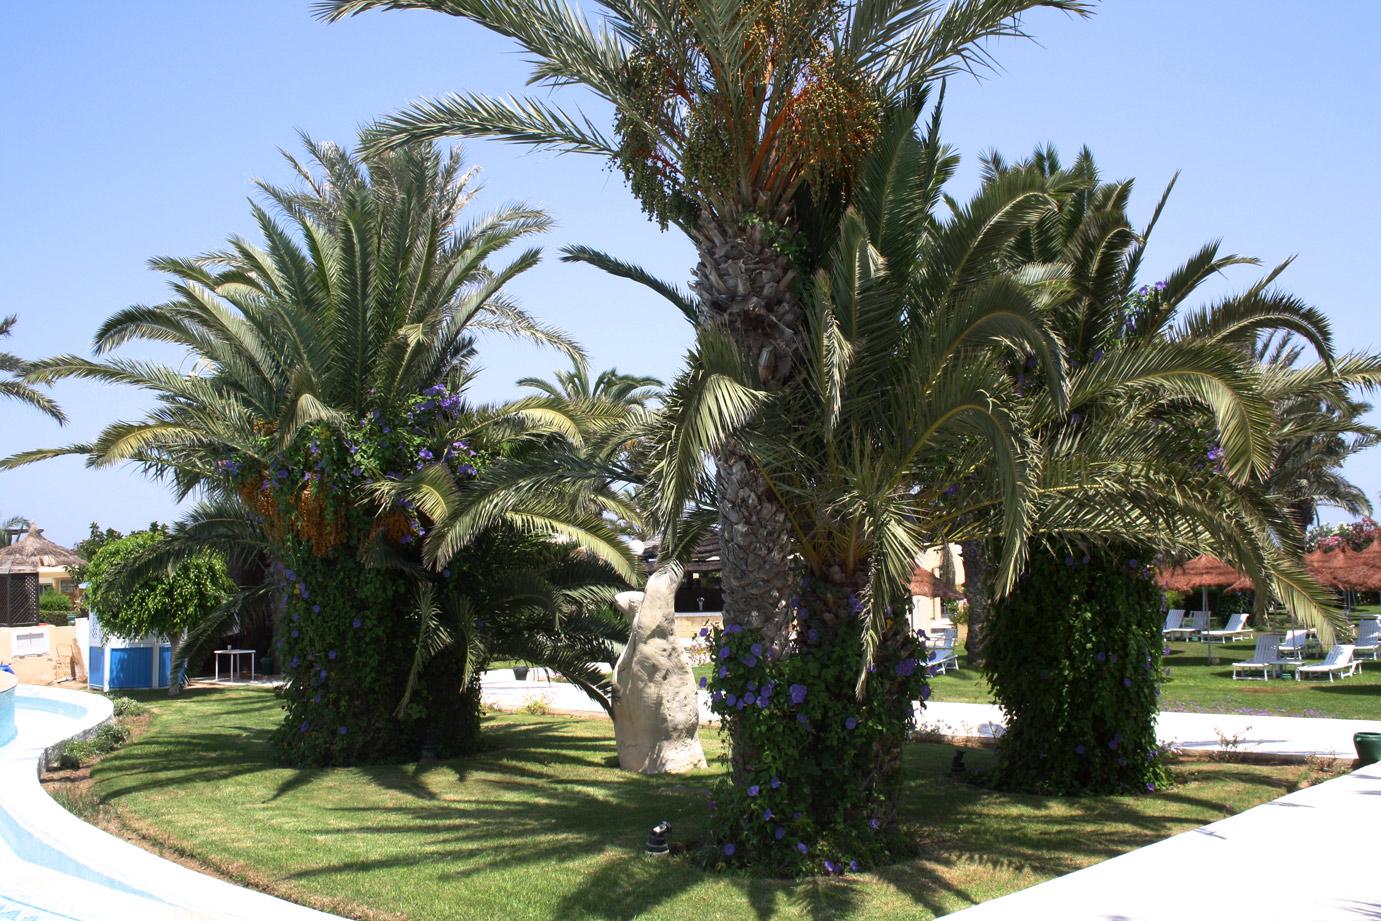 TUNISIA: PHOTO DIARY I. 9